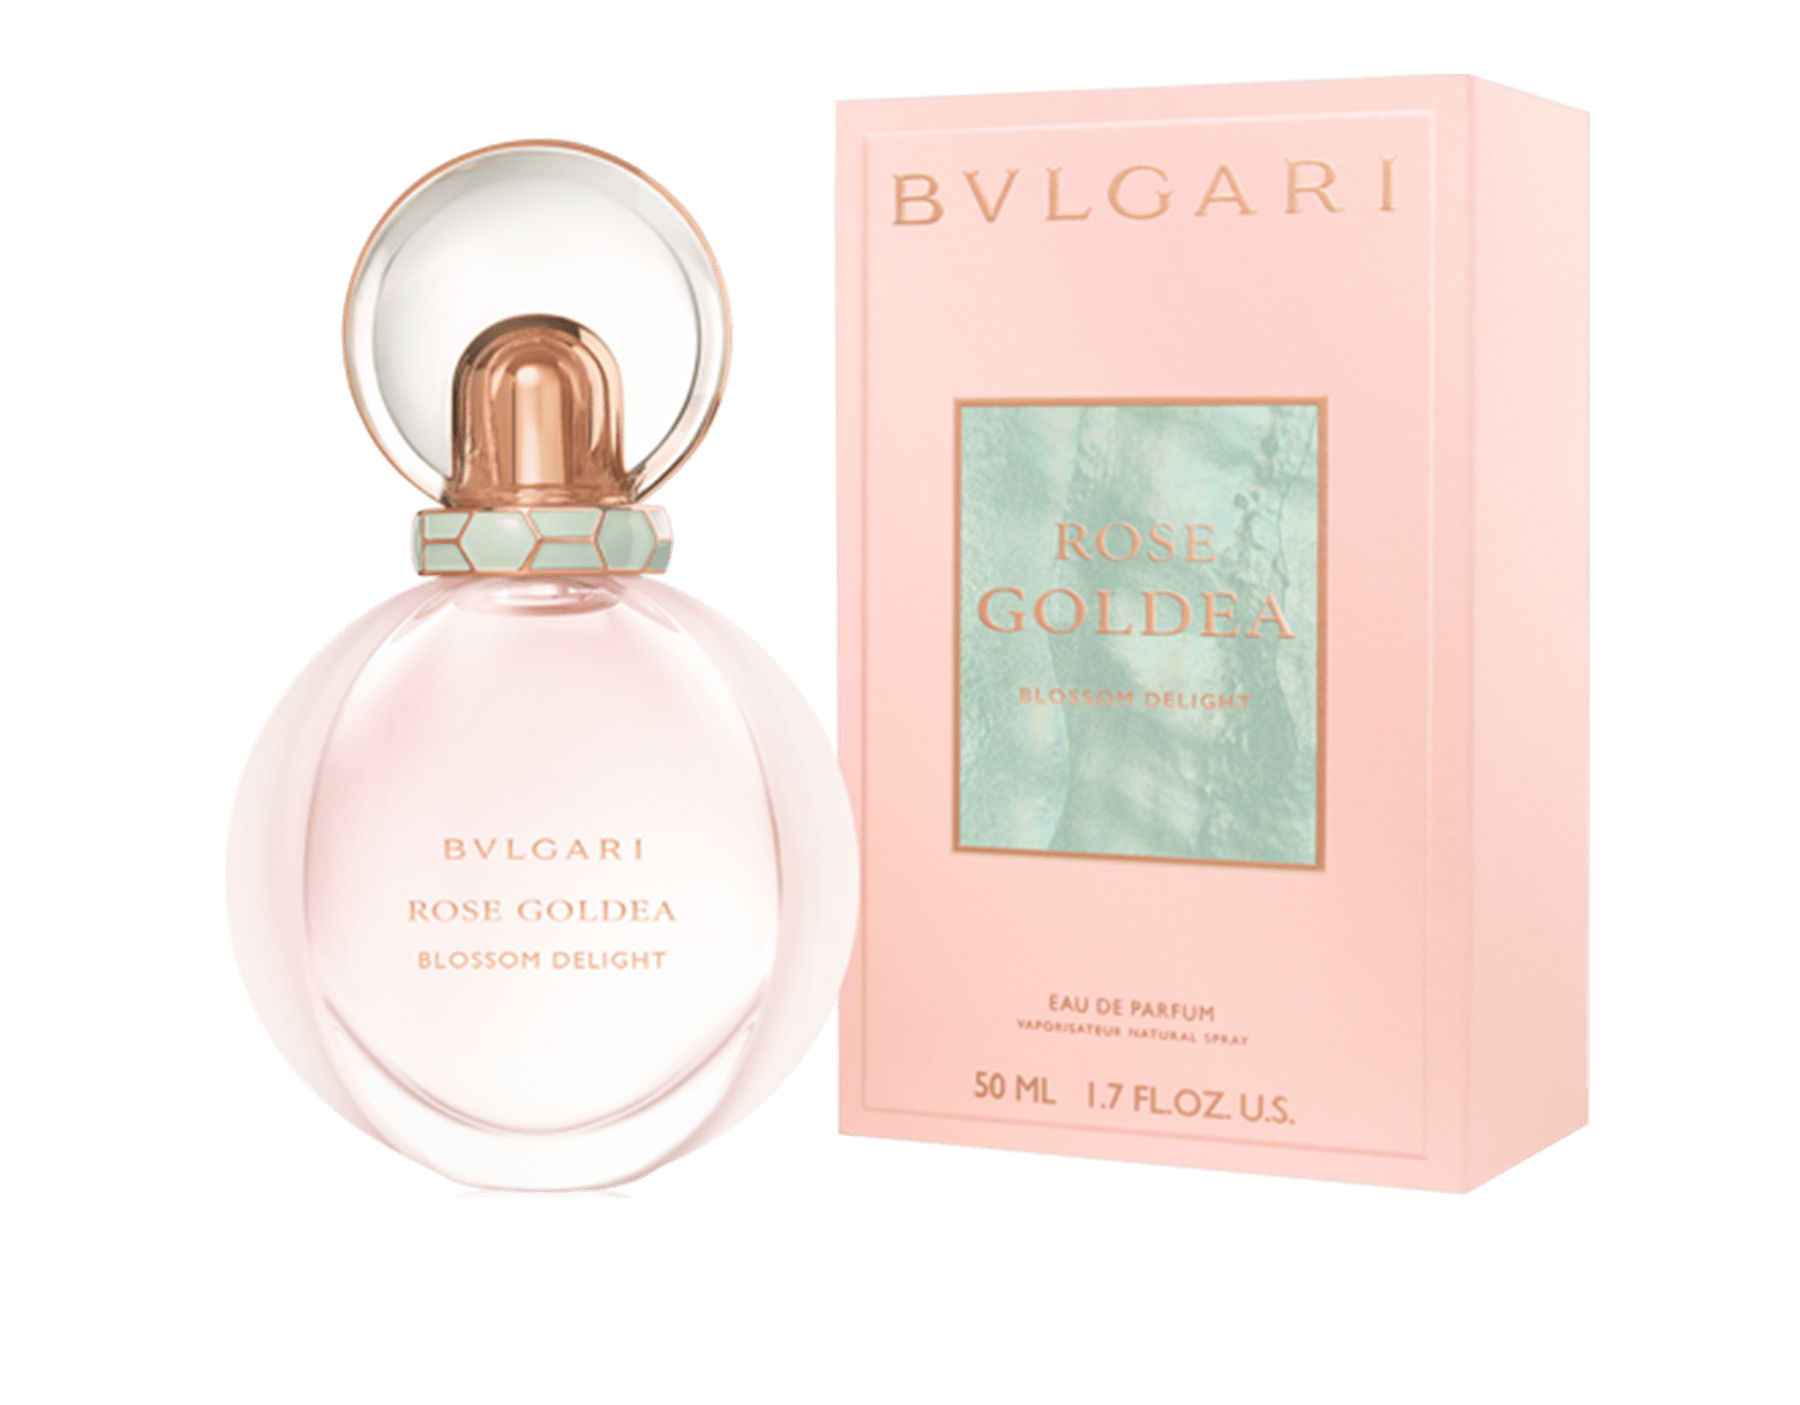 現代花香調香水,捕捉女性魅力的神髓。 40471 image 2